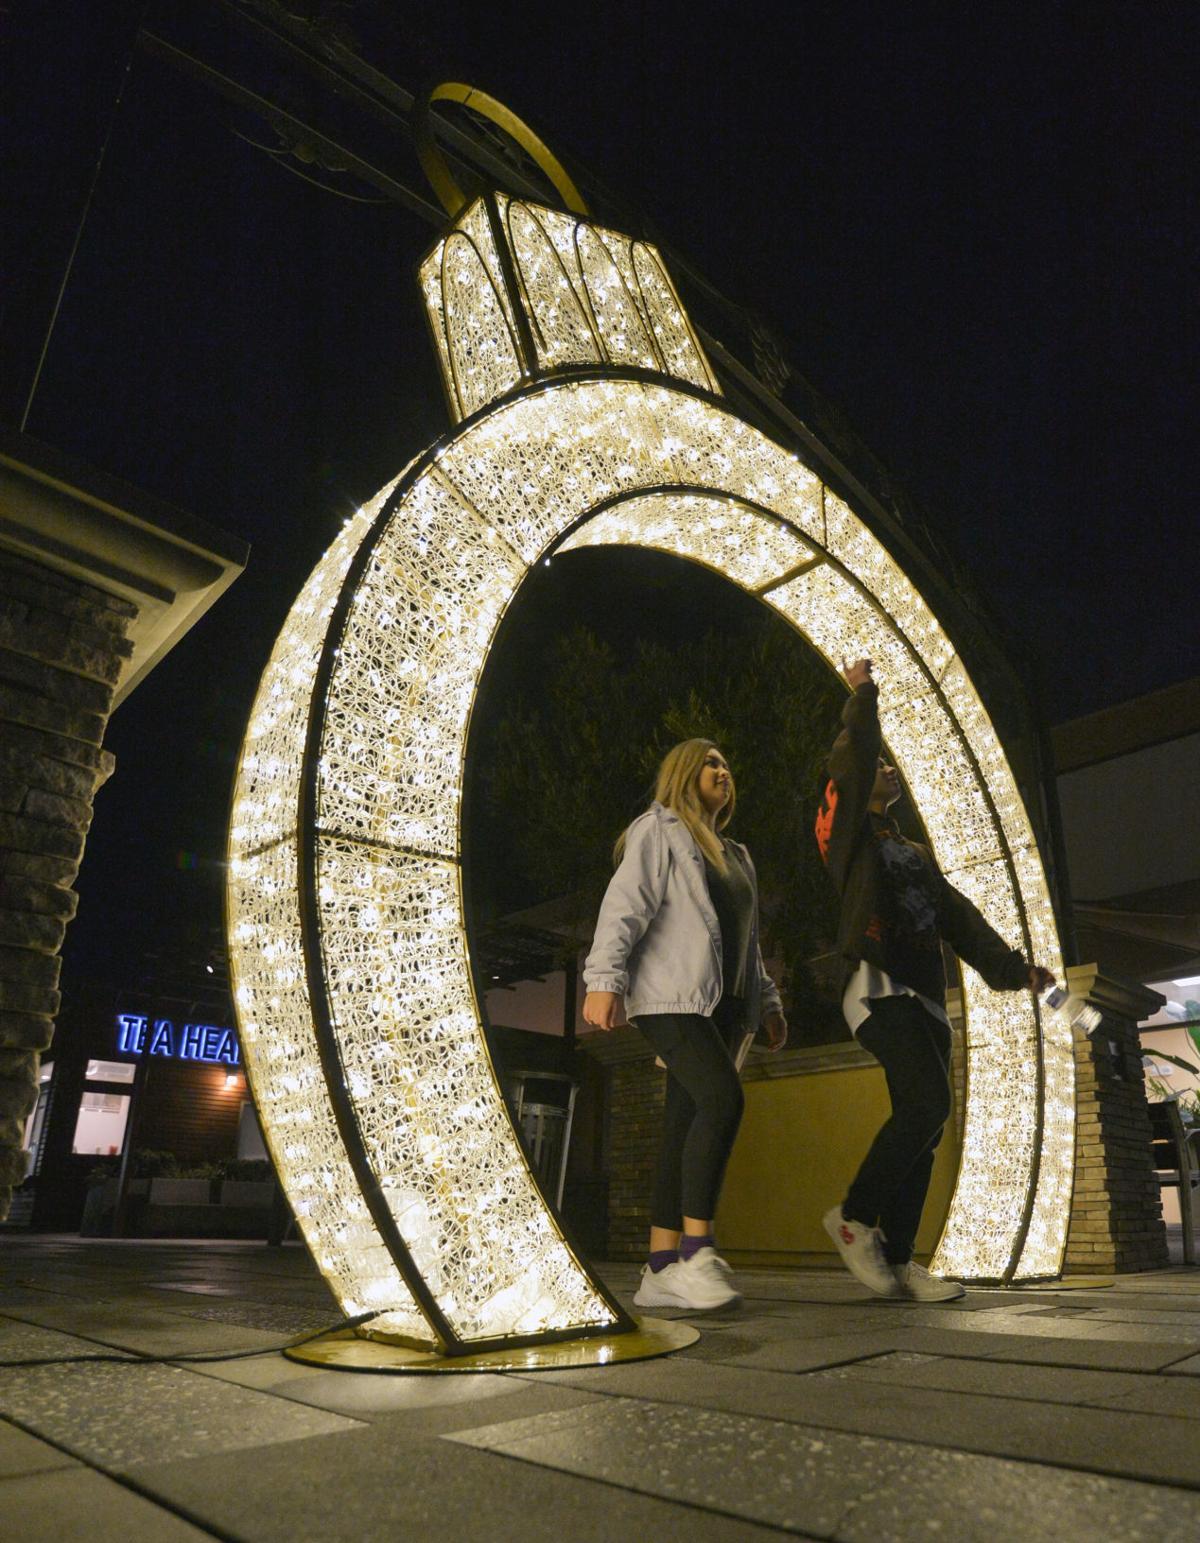 Outlet Lights 12-12-19 183